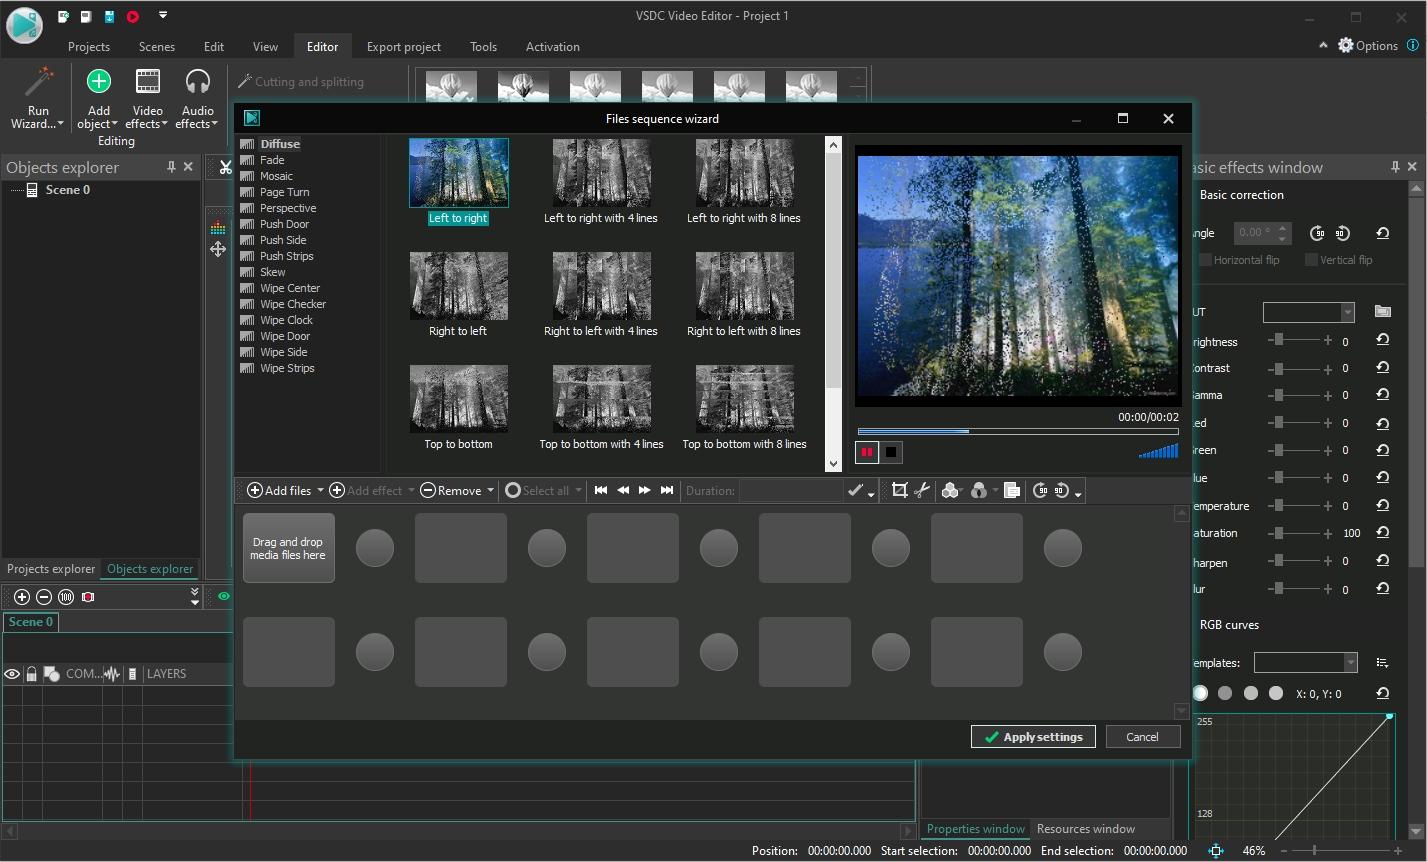 Nejen pro začátečníky může být tvorba vlastního filmu náročná a naučit se perfektně ovládat jakýkoli program na střih a pokročilou editaci videa zabere hodně času. Proto VSDC Video Editor nabízí i funkci průvodce, ve kterém stačí jen poskládat jednotlivé záběry a vložit mezi ně přechodové efekty. Najdete ji pod tlačítkem »Run Wizard«.